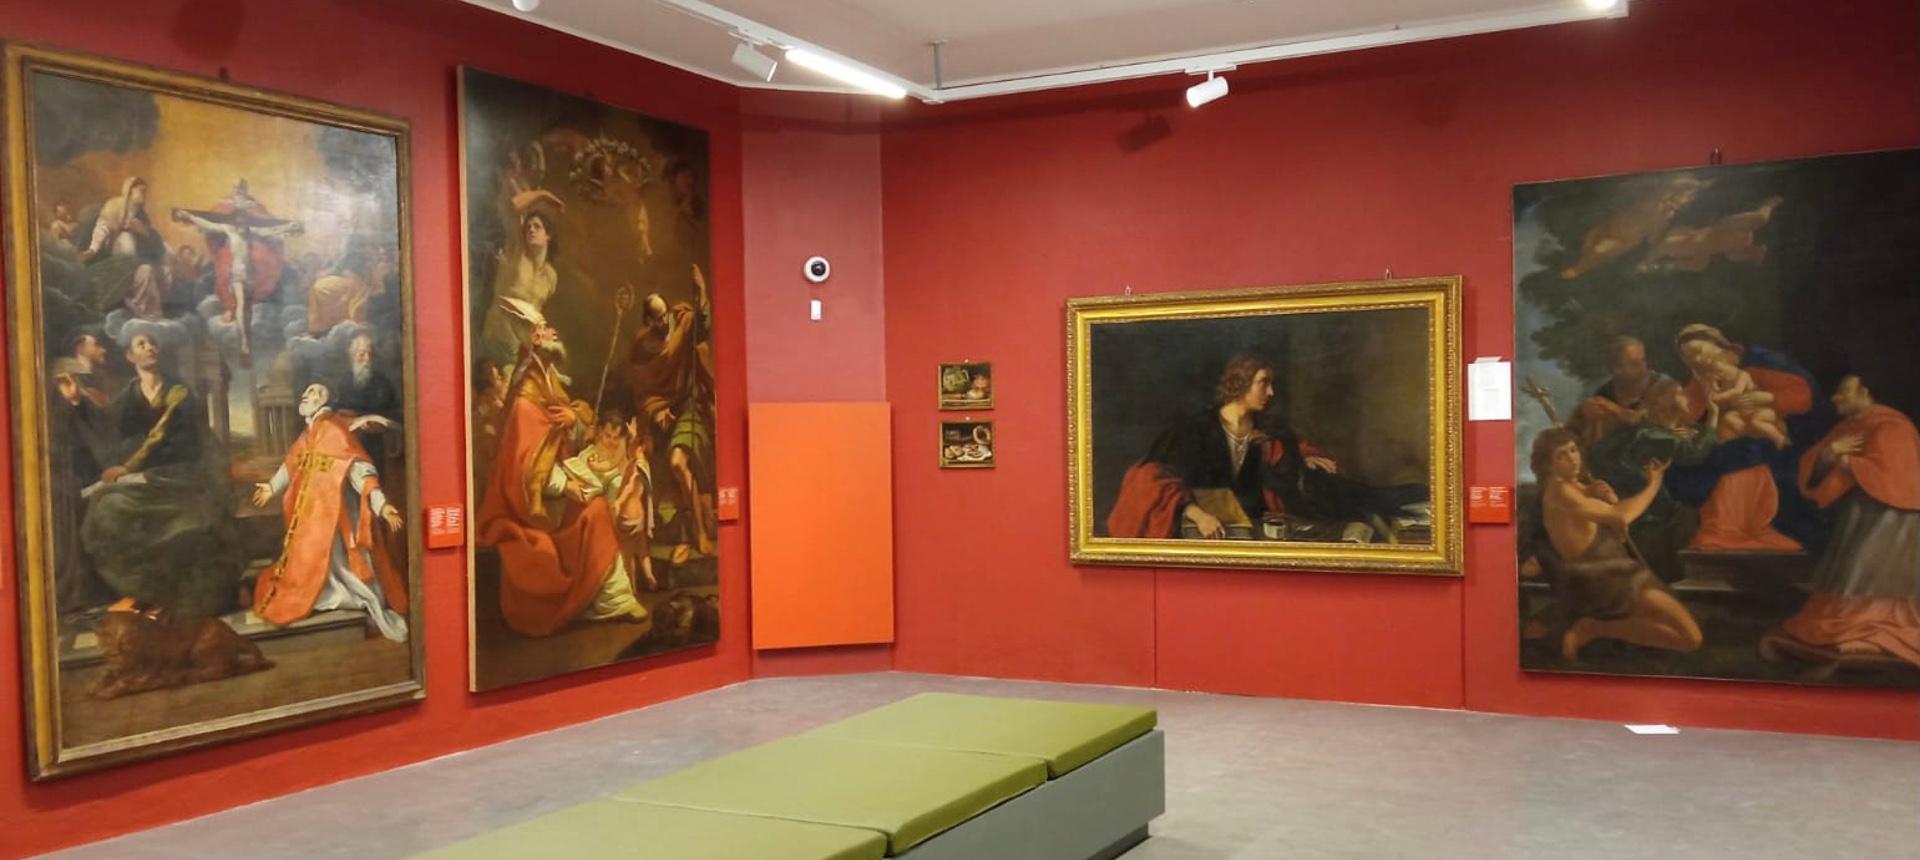 Il nuovo allestimento della Pinacoteca all'interno de Le Scuole - Comune di Pieve di Cento